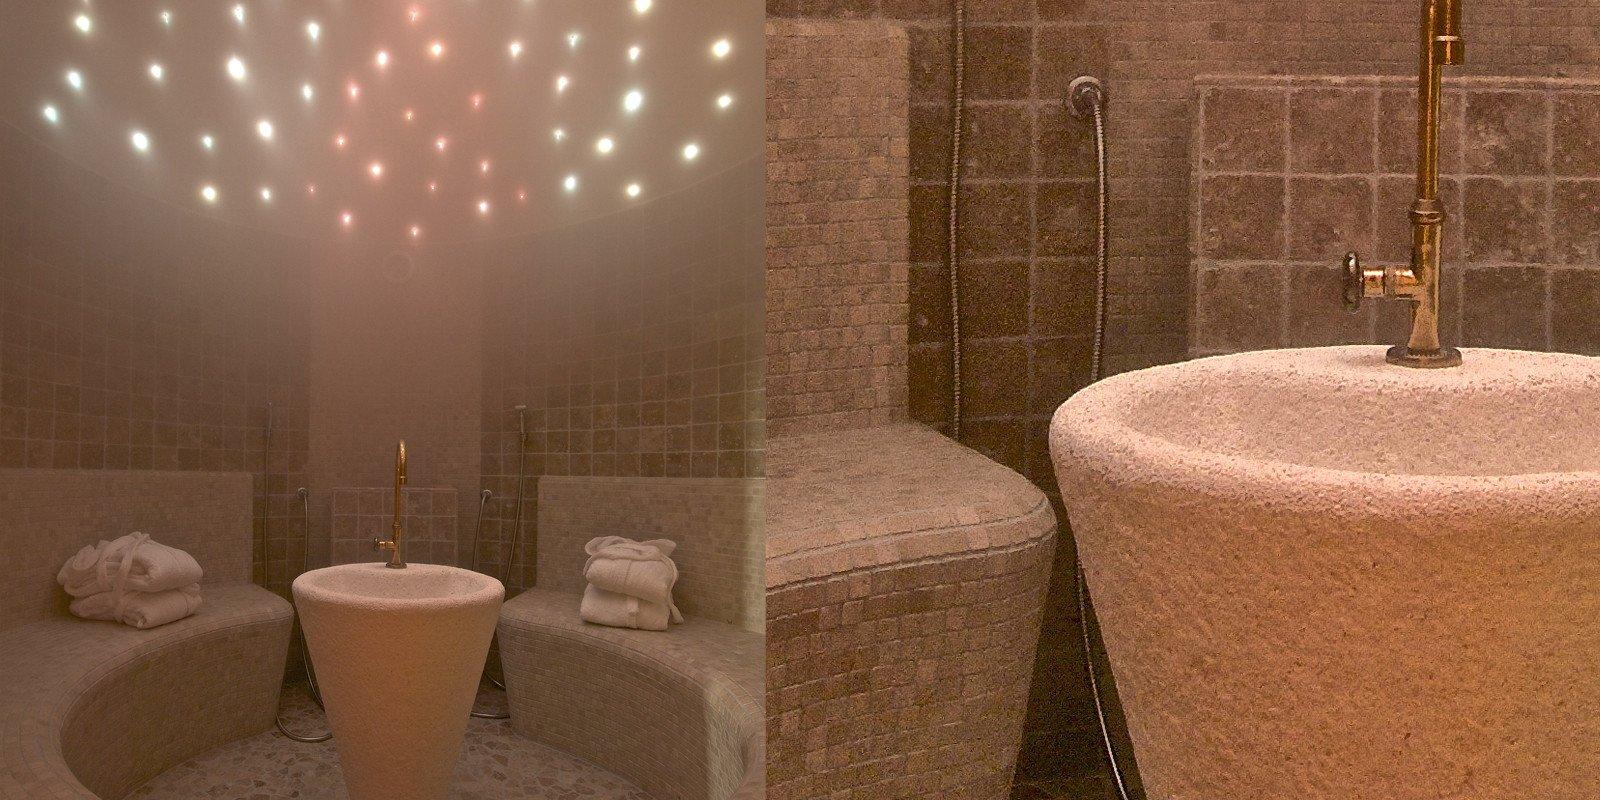 Progetta il tuo bagno turco aromatico wellness creation - Effetti benefici del bagno turco ...